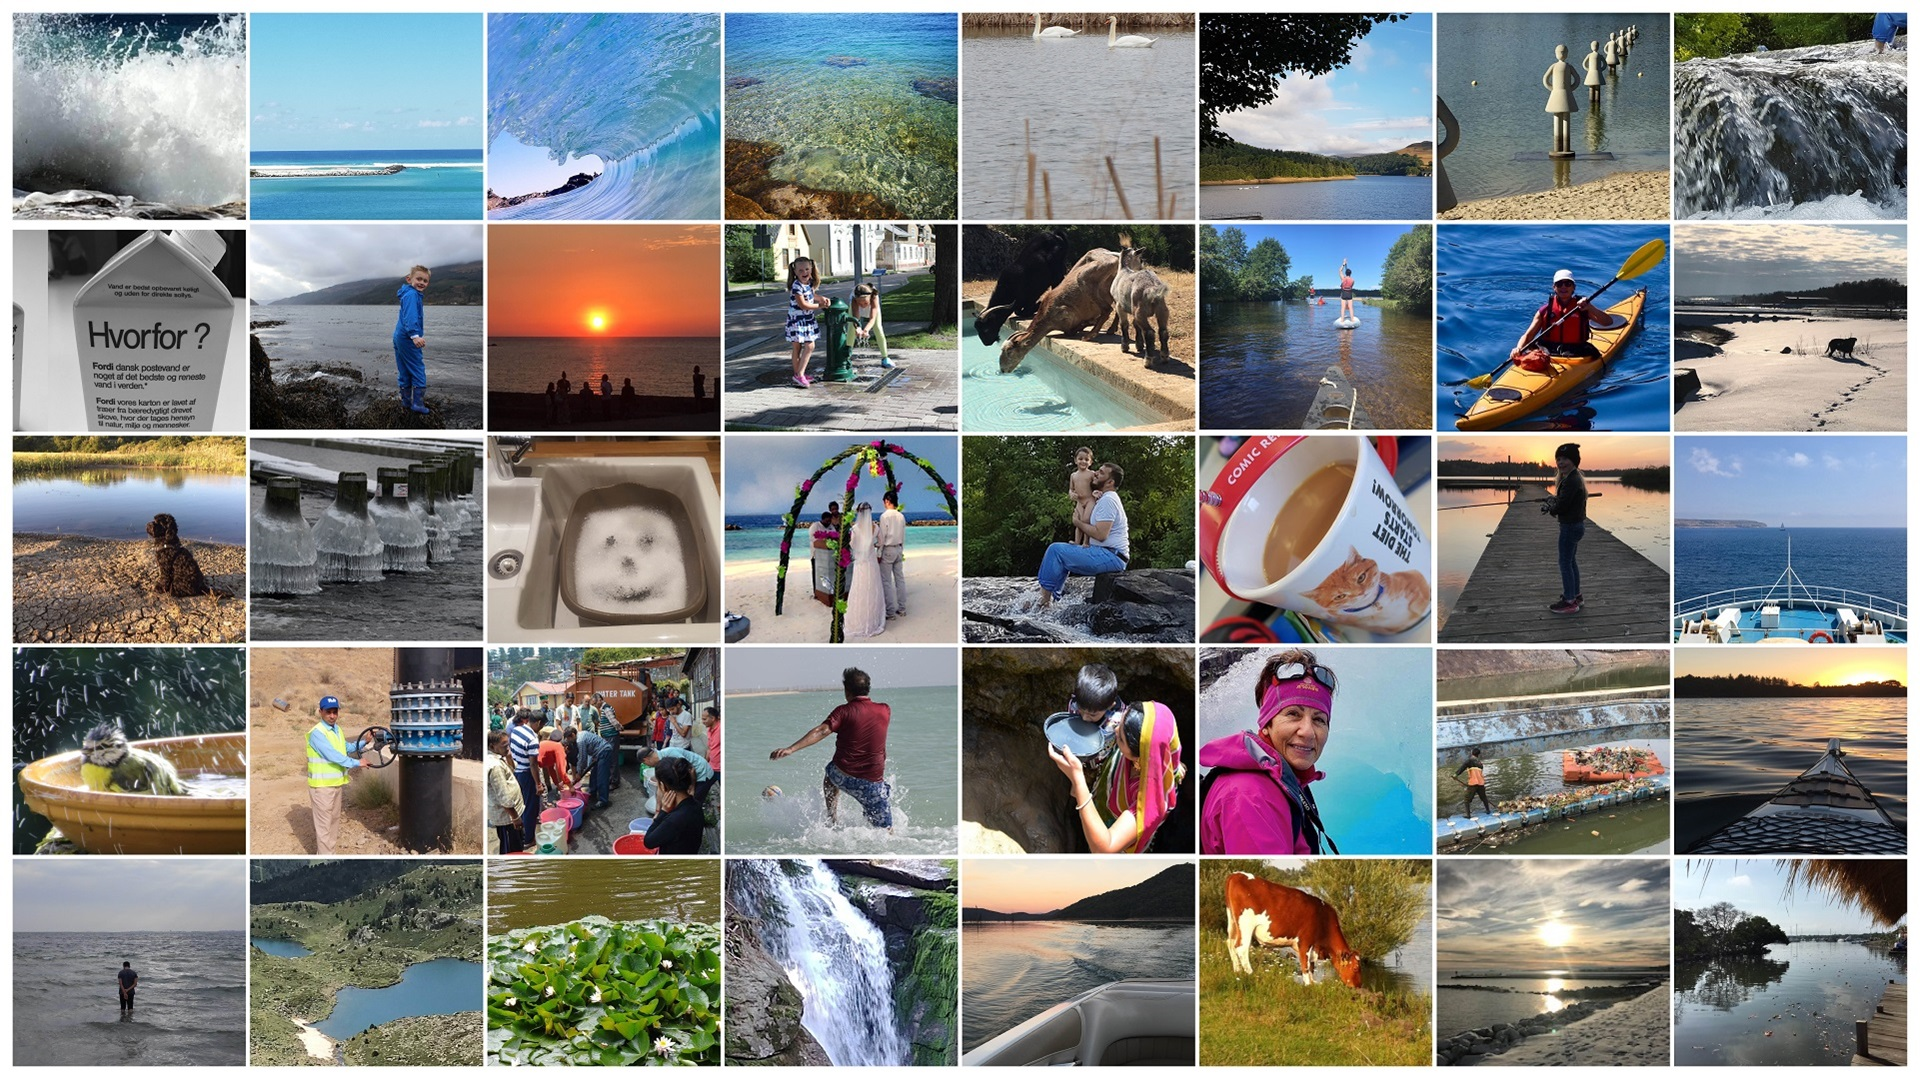 Weltwassertag 2021 Bilder Collage